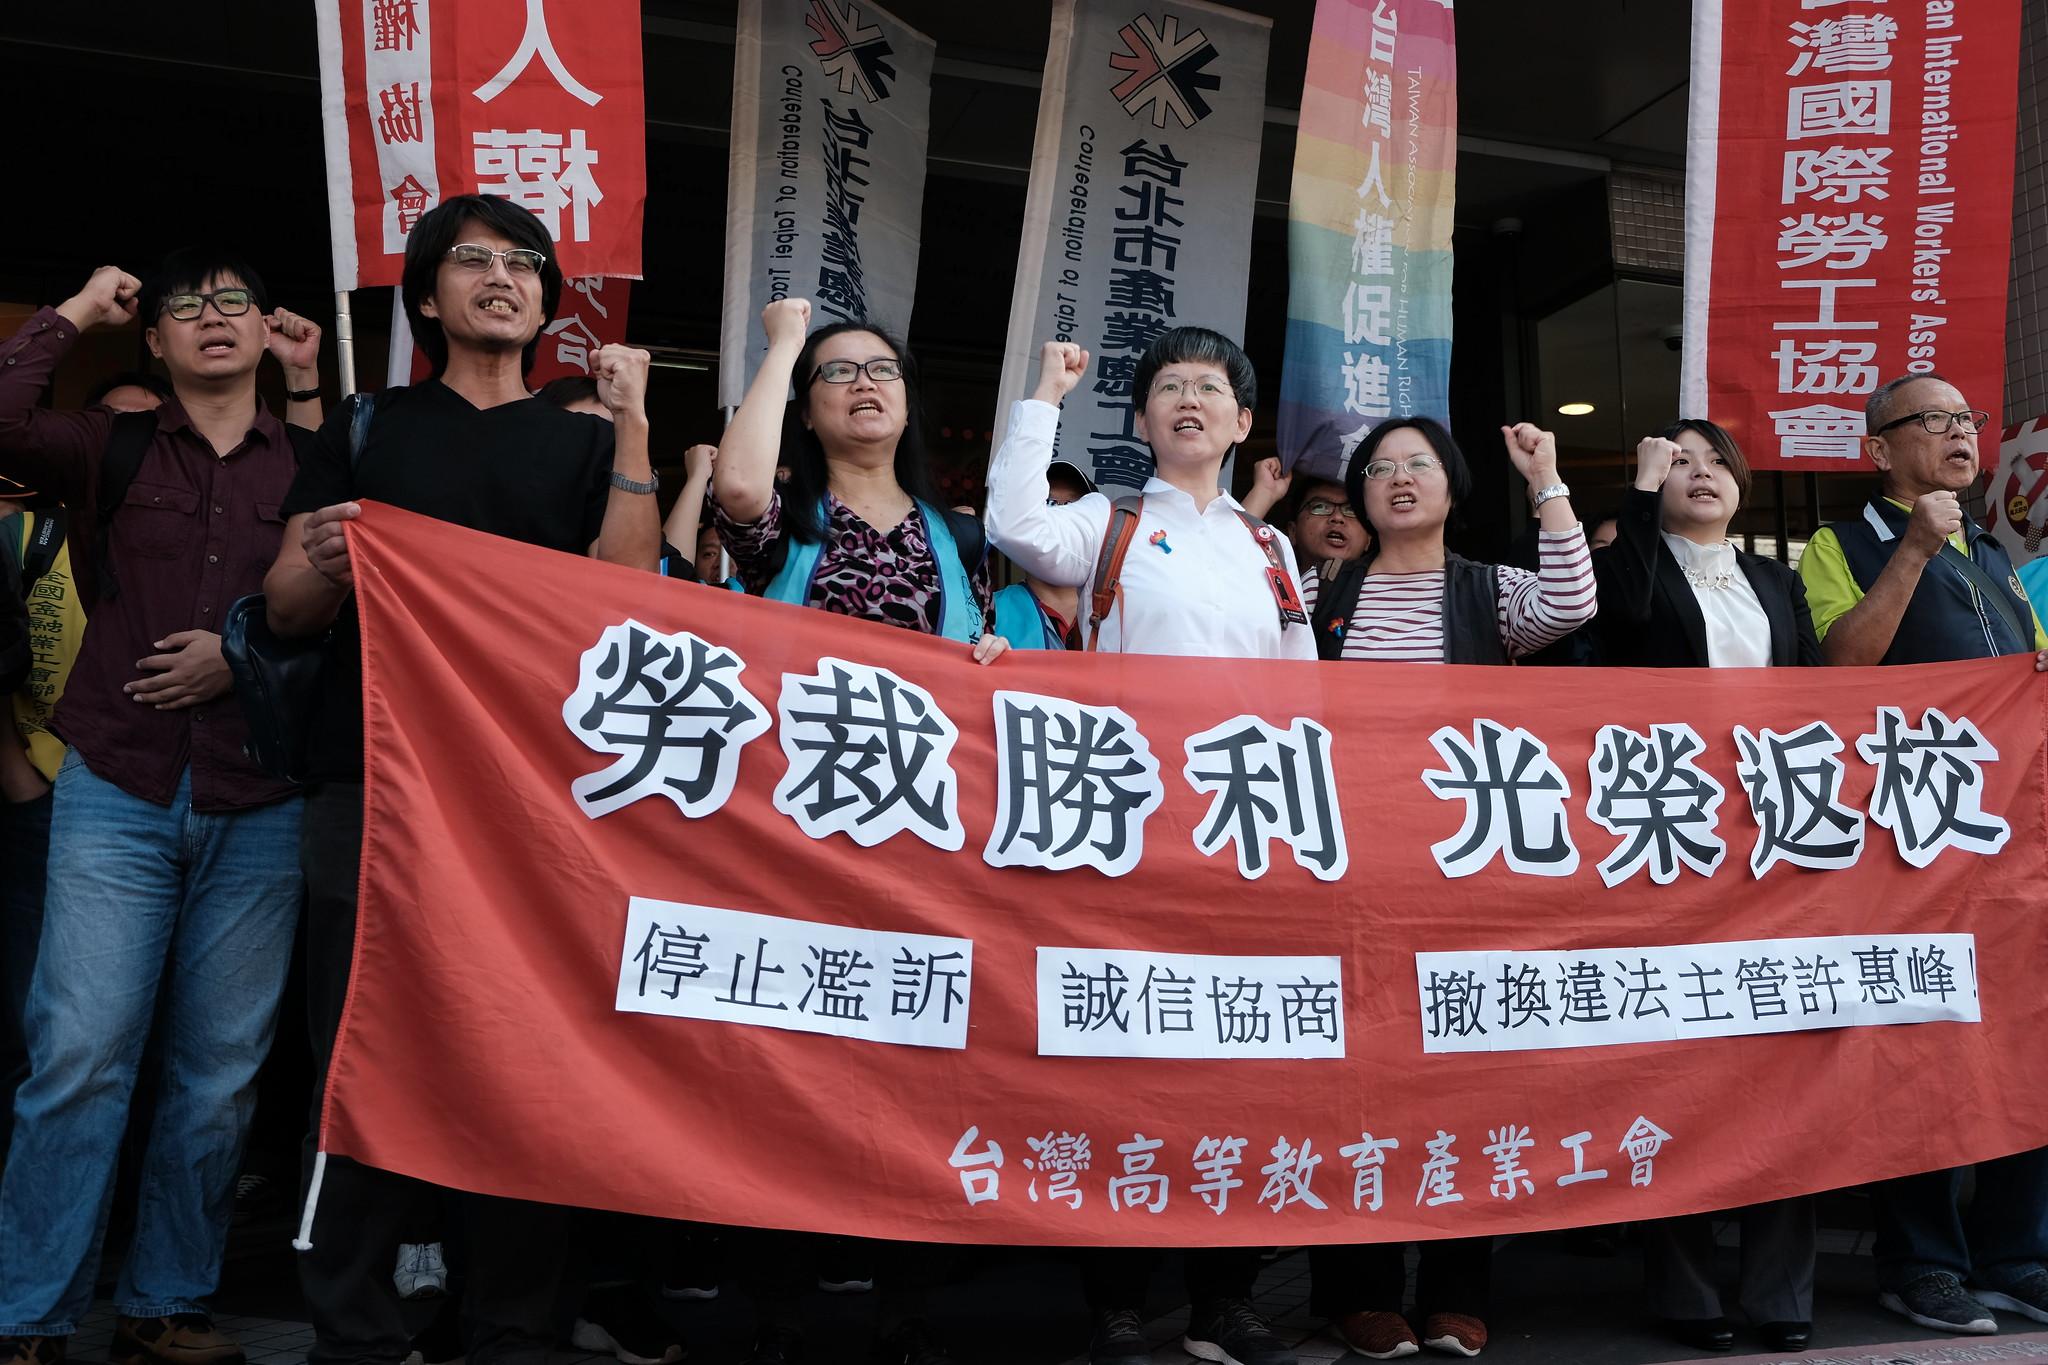 遭文大違法解雇的工會幹部去年11月「光榮返校」,在工會簇擁下復職。(攝影:唐佐欣)